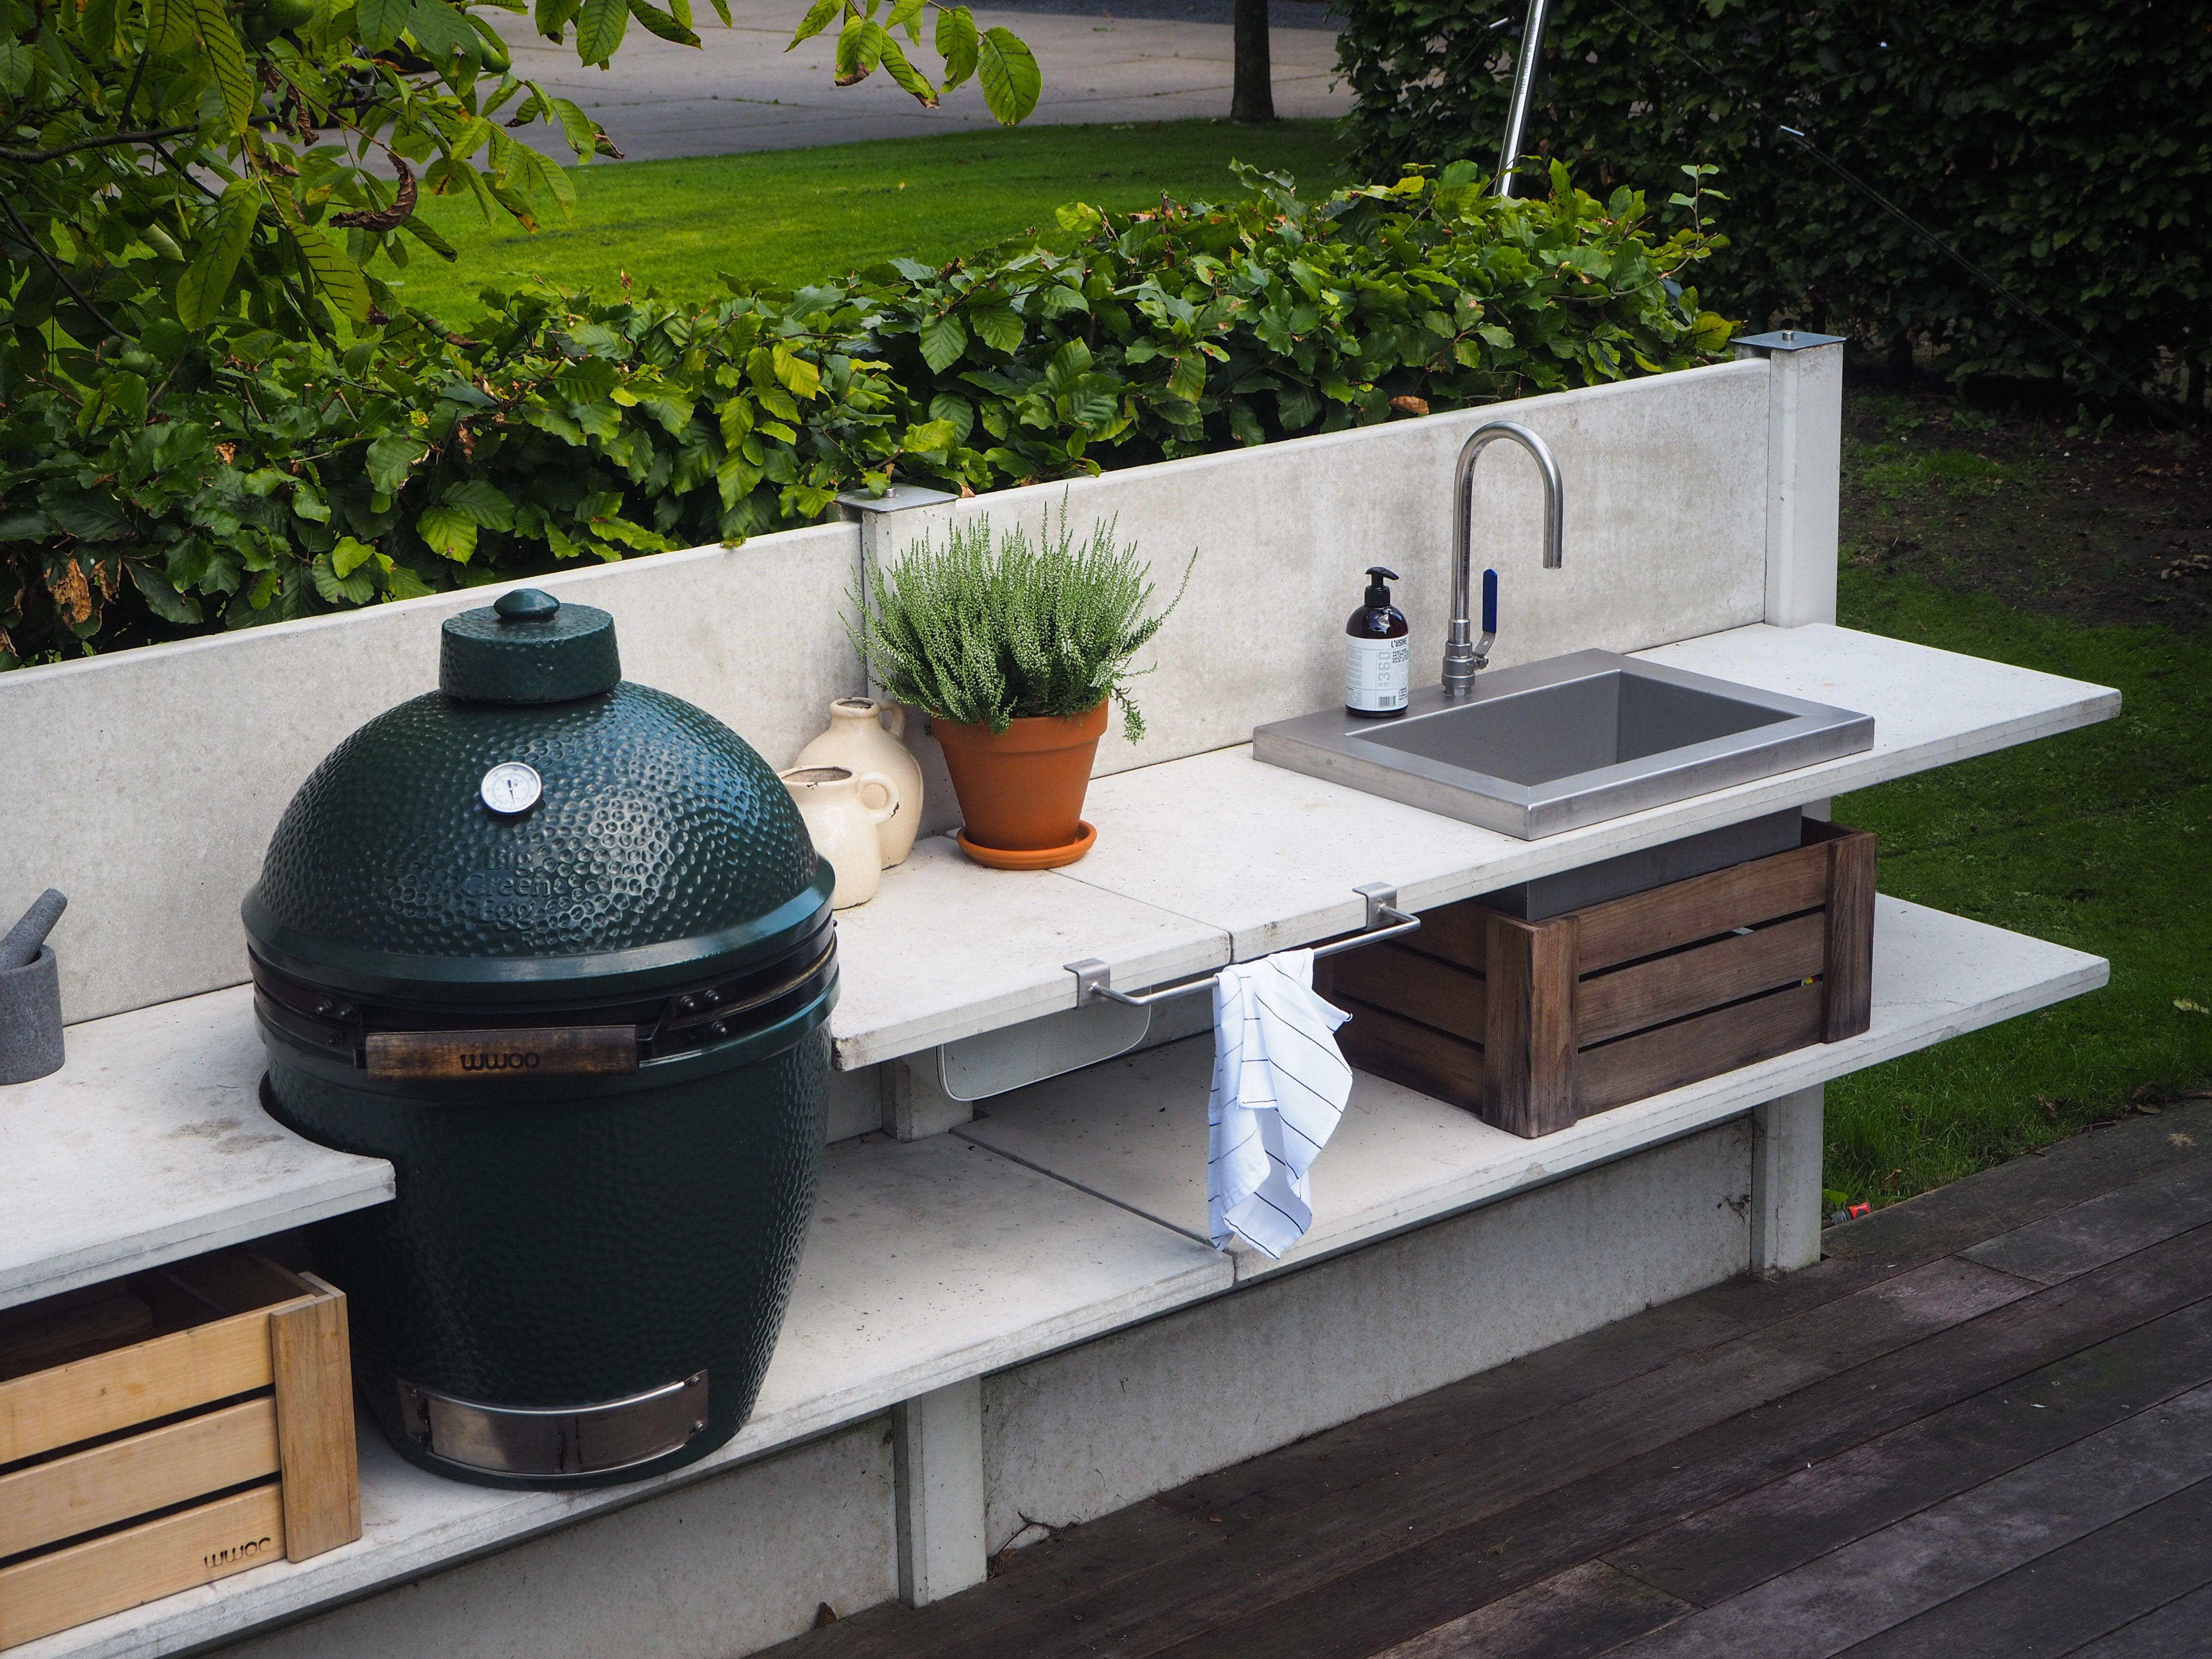 Wwoo buitenkeuken wwoo outdoor kitchen wwoo buitenkeuken met